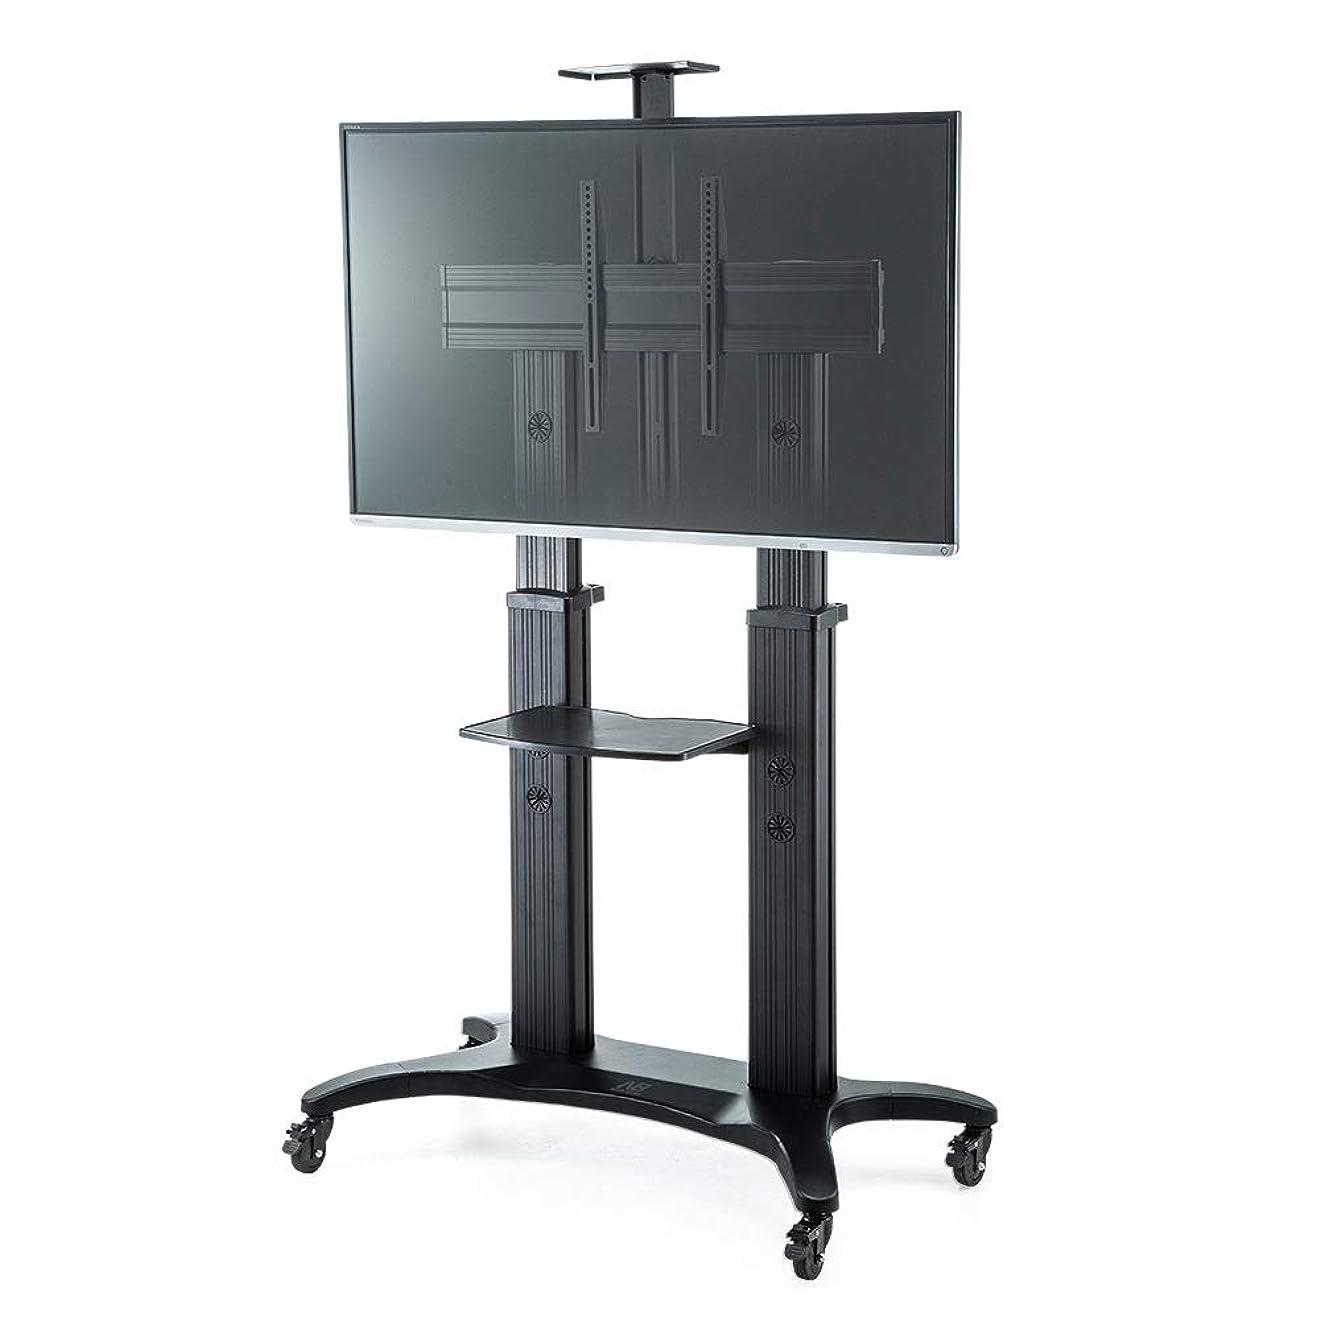 こしょうウォルターカニンガム寝てるイーサプライ テレビスタンド 大型 キャスター 移動式 電子黒板 棚板 業務用 安定性 高さ調整 55~80インチ対応 EEX-TVS005